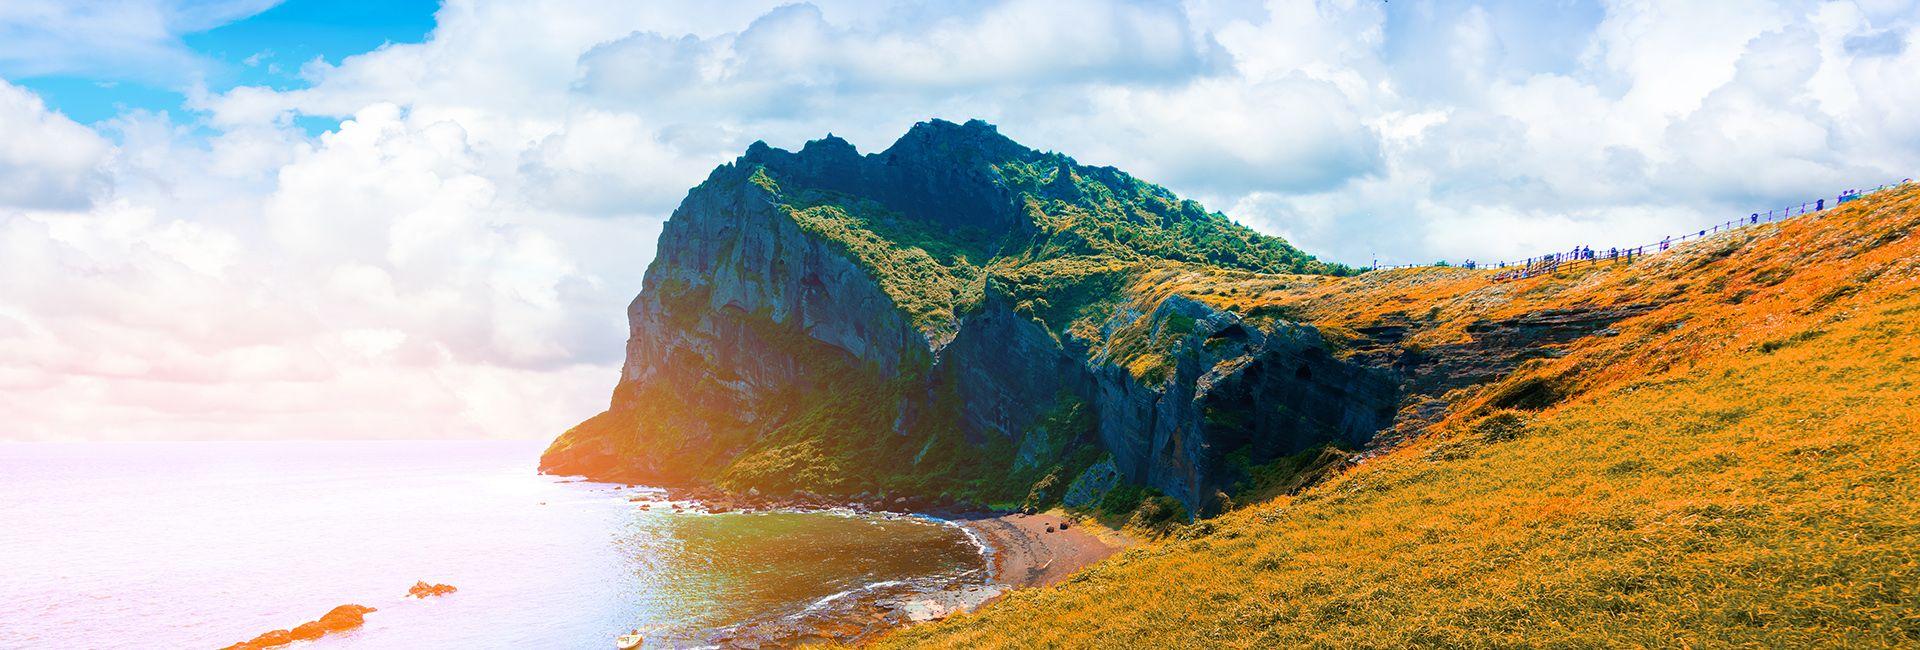 Top 7 hòn đảo đẹp và nổi tiếng nhất ở Hàn Quốc